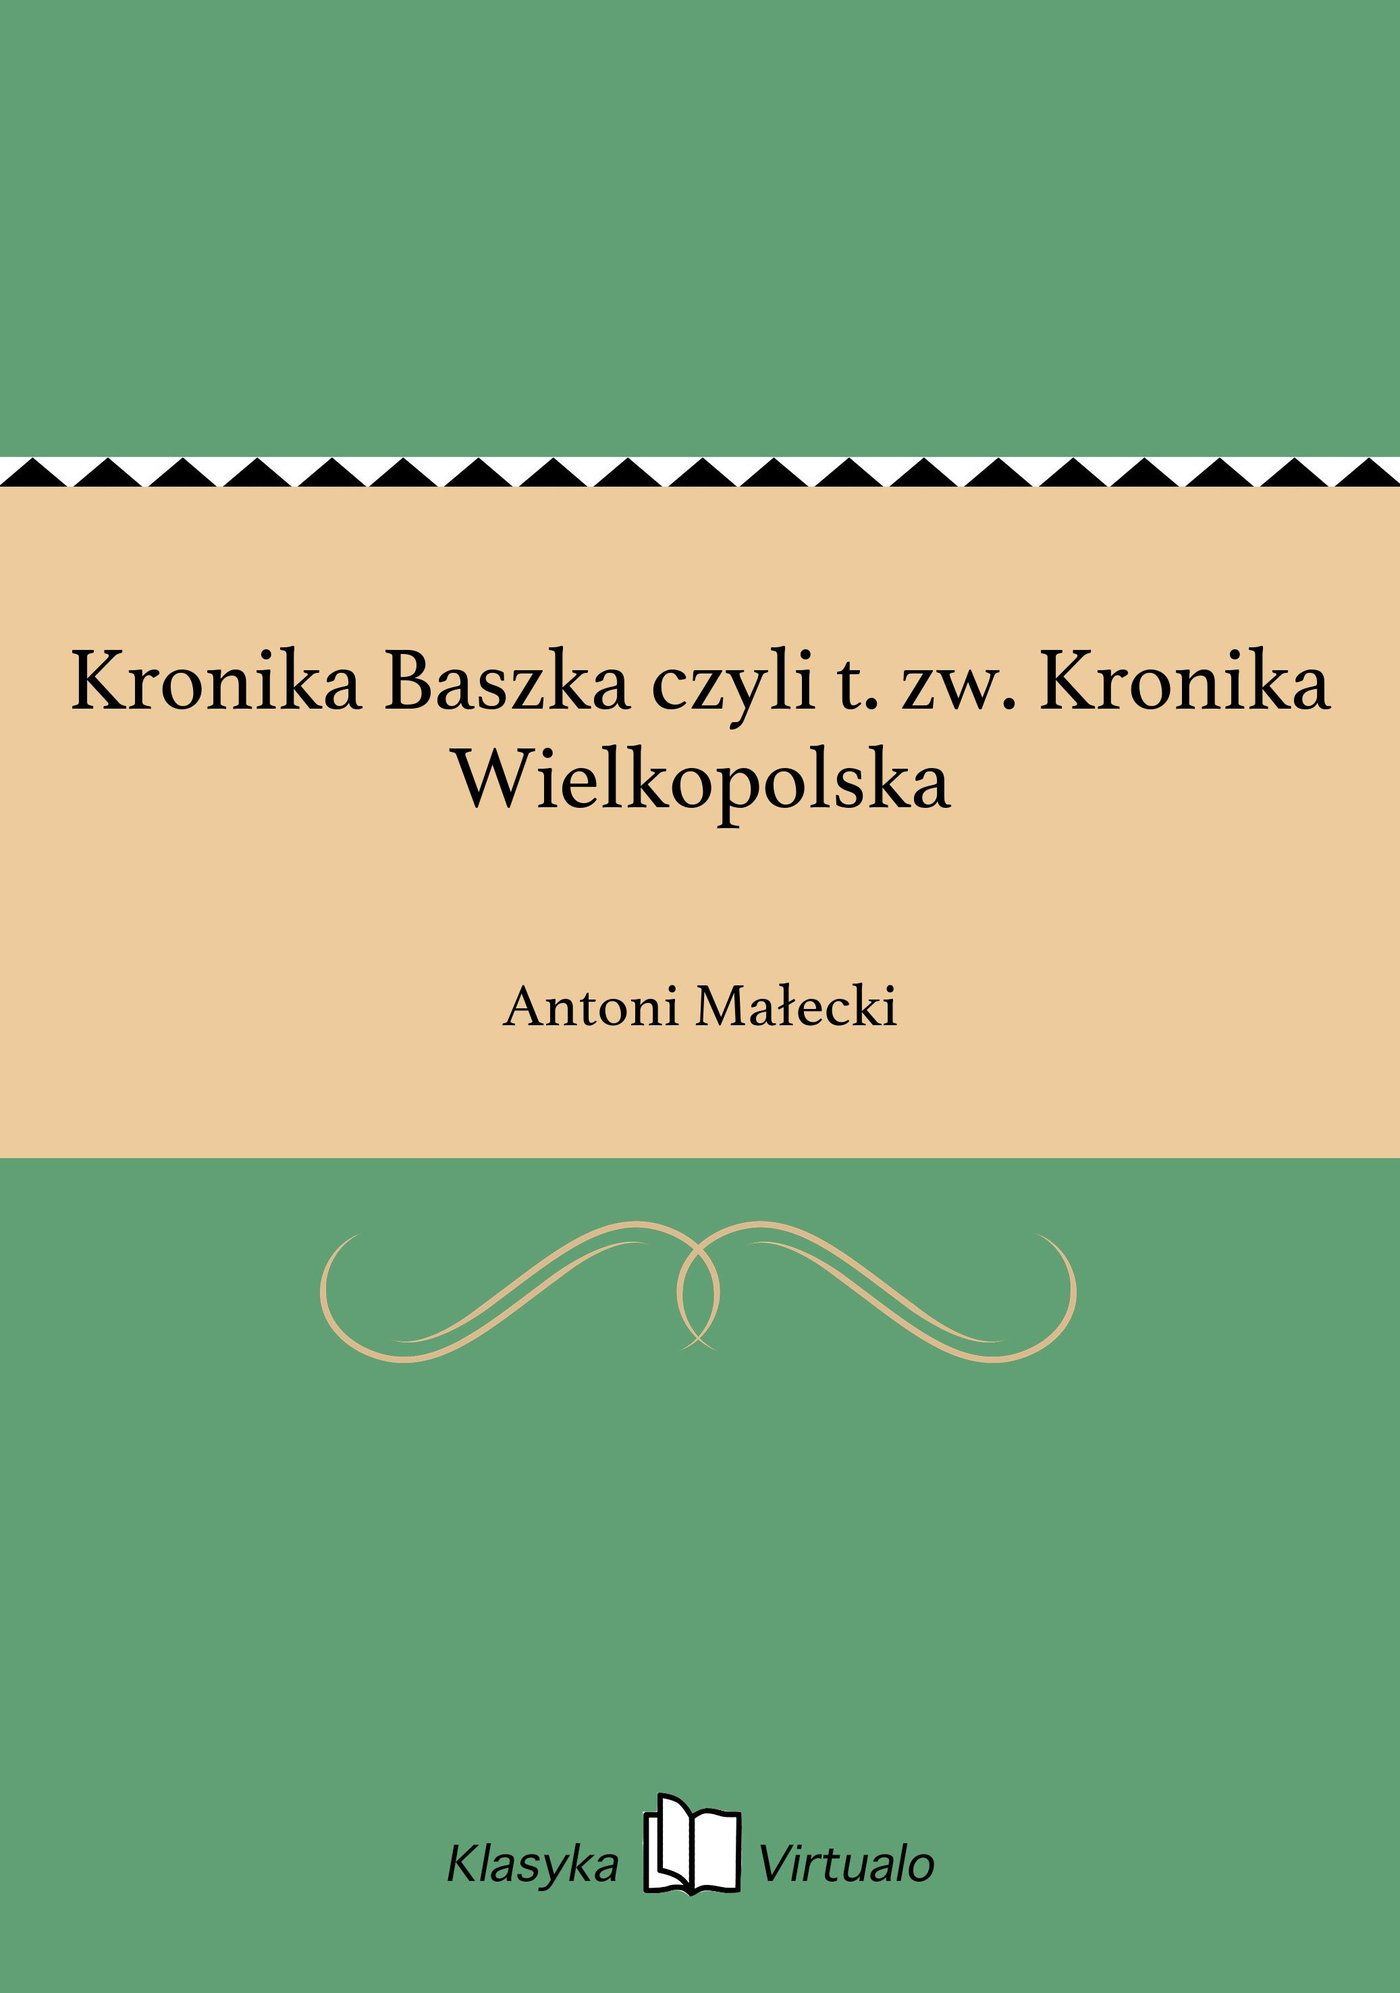 Kronika Baszka czyli t. zw. Kronika Wielkopolska - Ebook (Książka EPUB) do pobrania w formacie EPUB